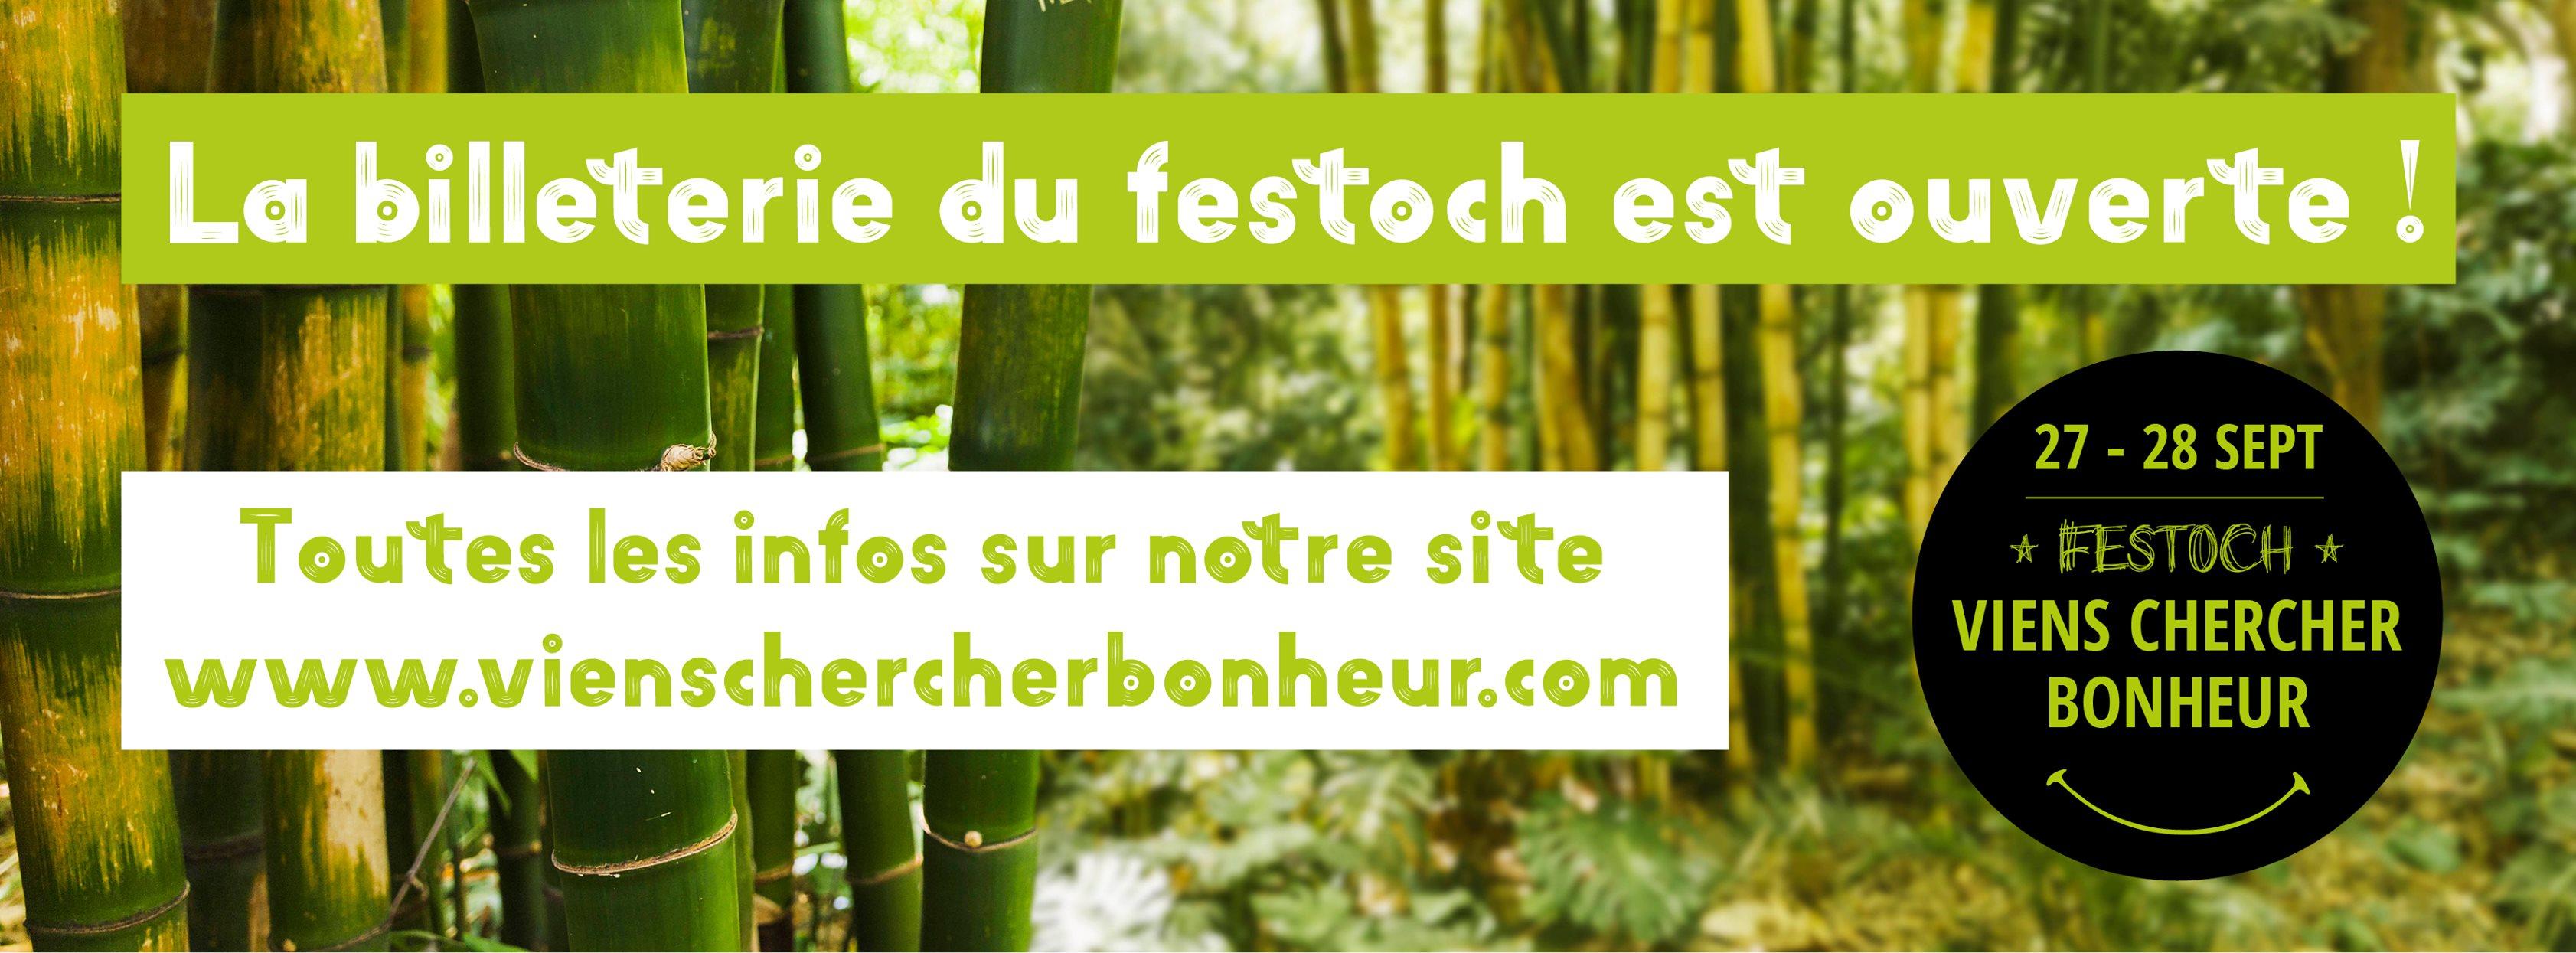 Festoch' Viens Chercher Bonheur 2019 mis à jour ! :) avec Sidi Wacho, Mes Souliers Sont Rouges, La Camelote, Bad Fat, Spams, Bakoua Sound, Xav'n'Roll, Cie T'es pas mioche